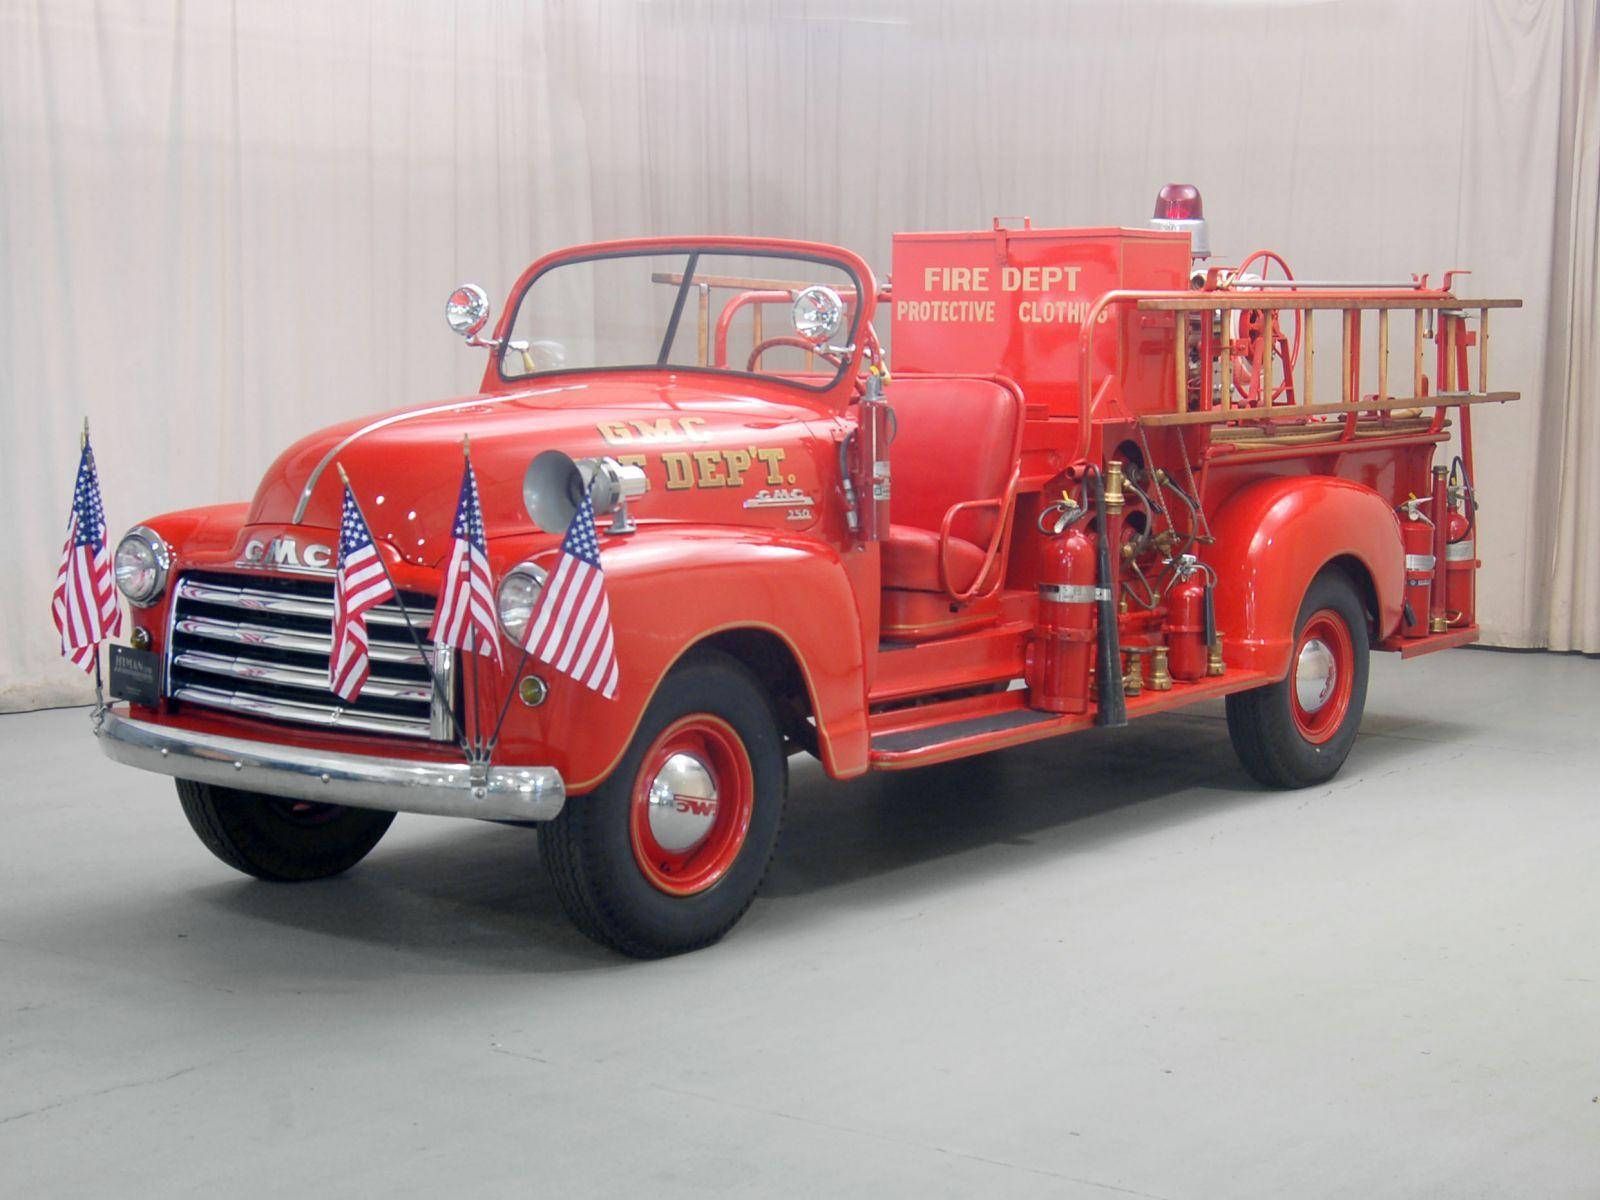 1948 Gmc Firetruck With Images Fire Trucks Gmc Truck Design